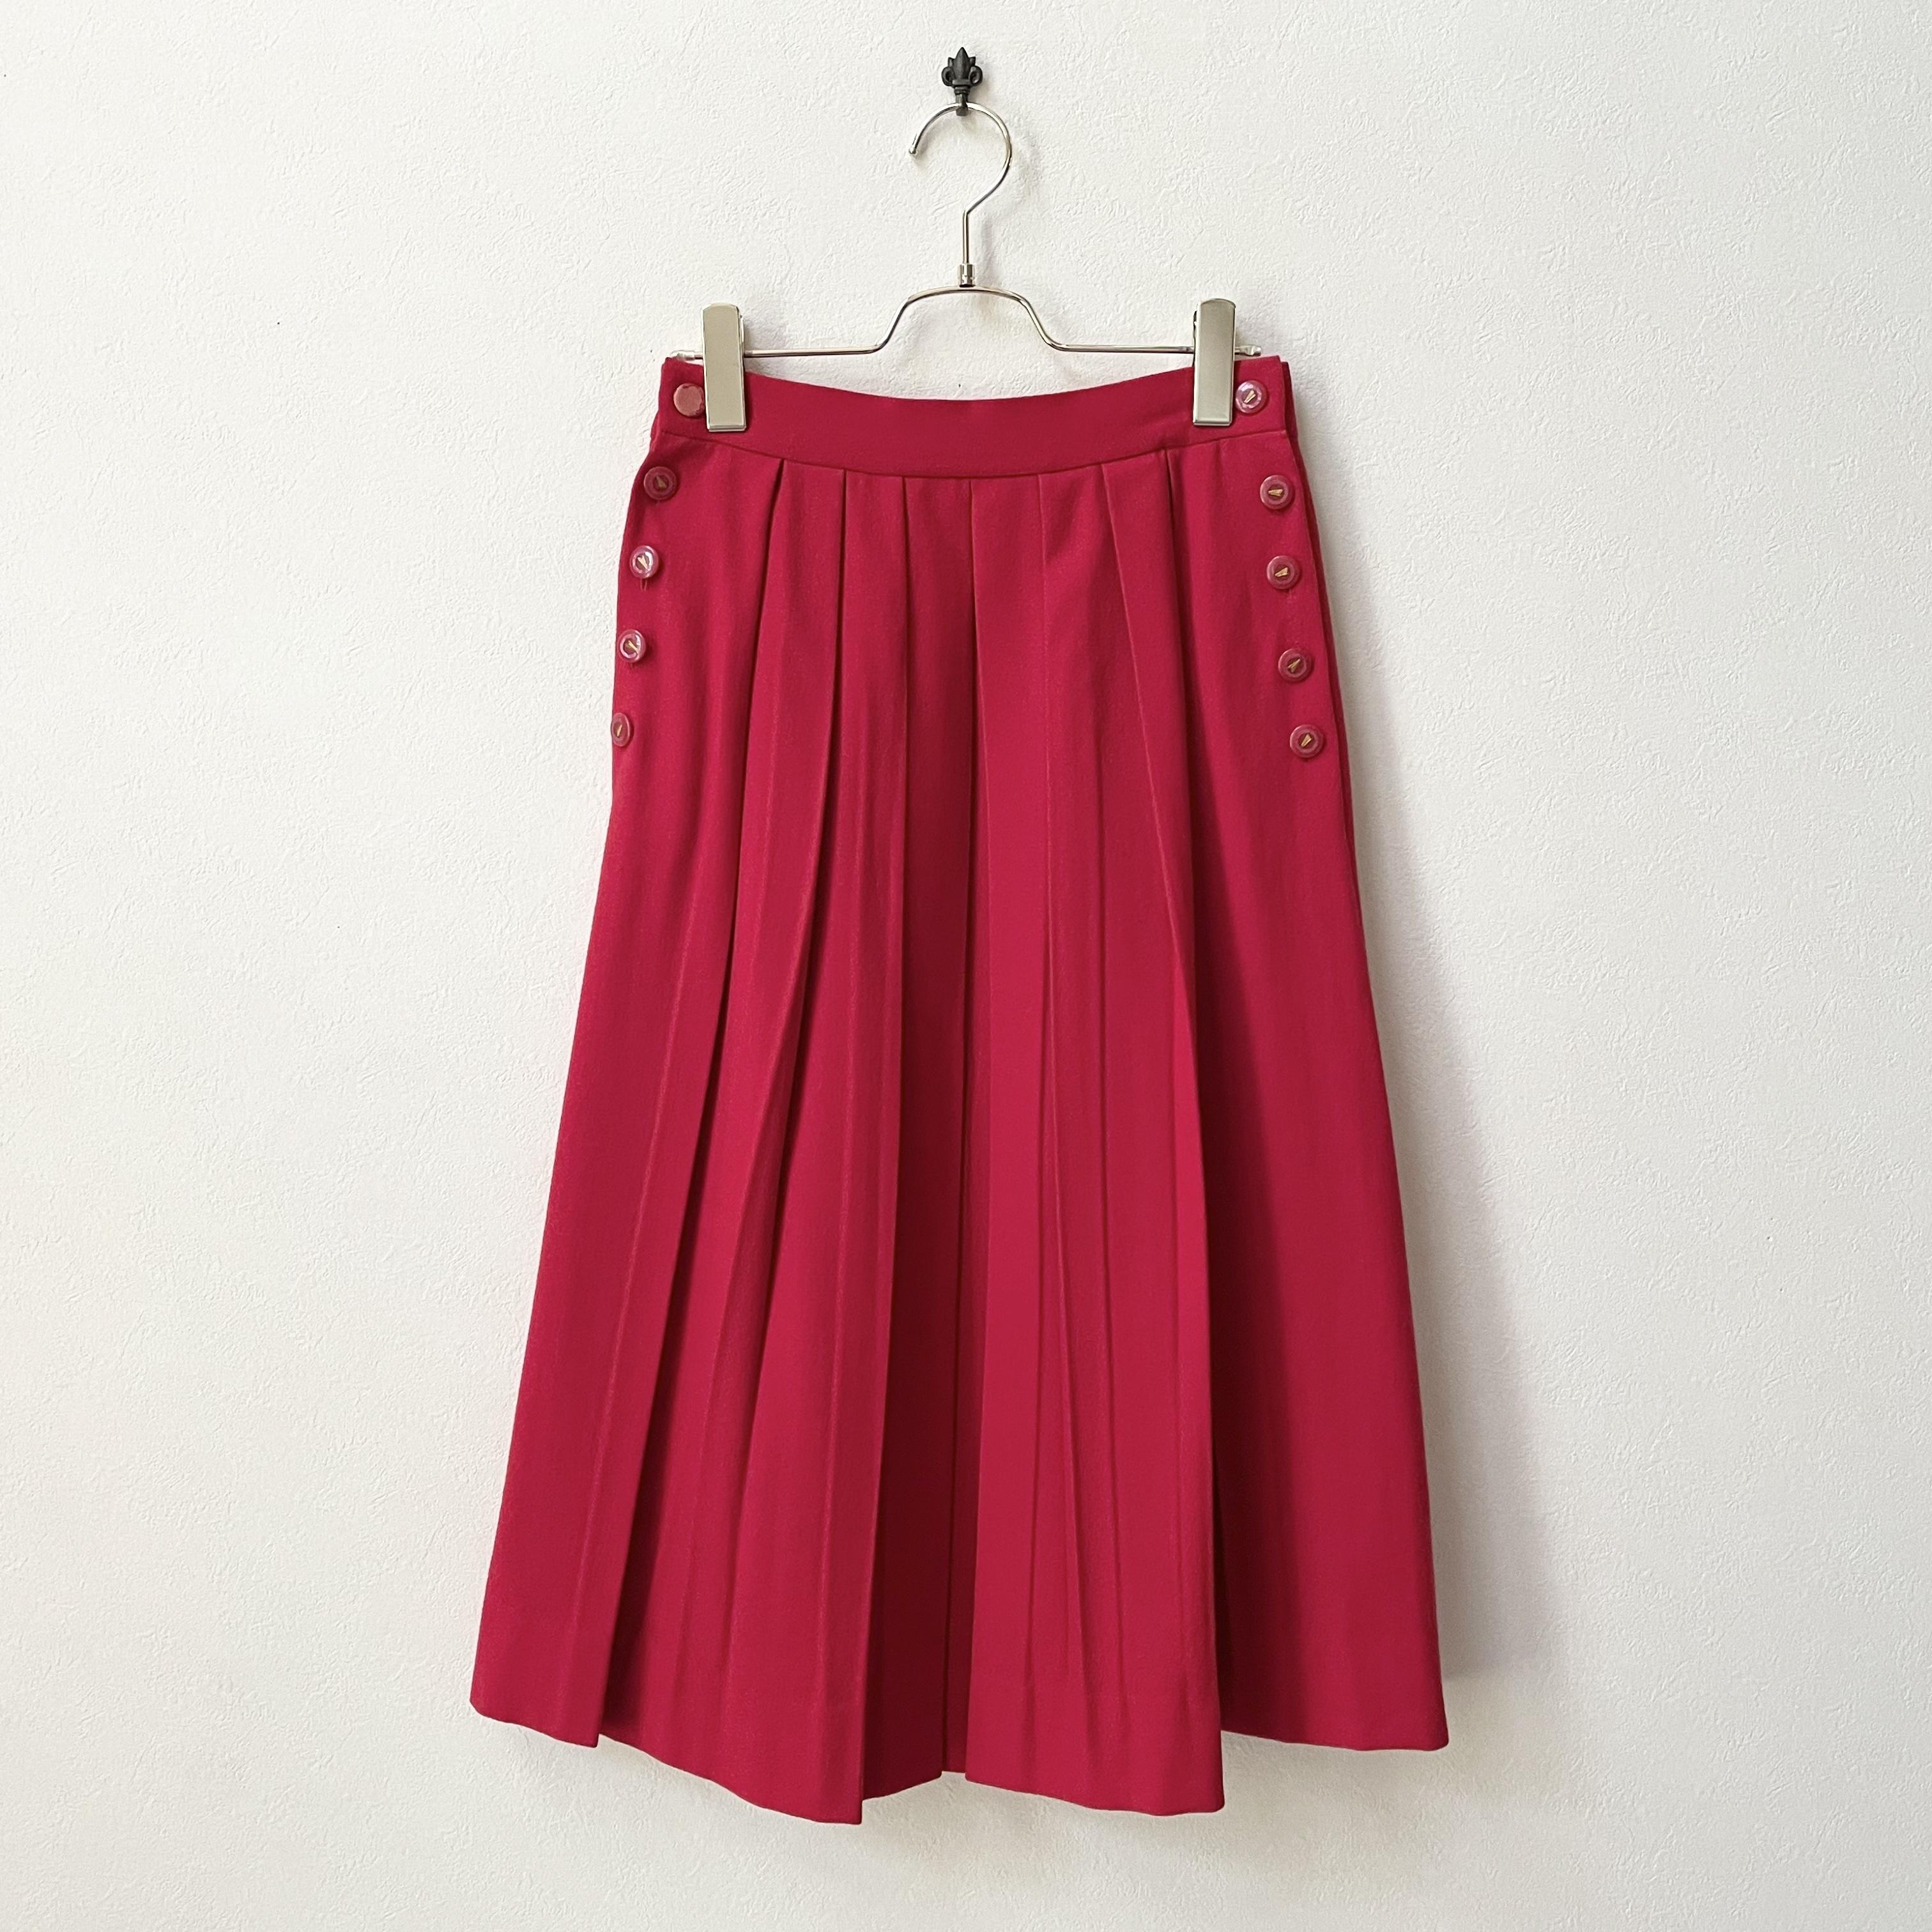 80年代 サイドボタン フレア プリーツスカート アメリカ古着 日本M